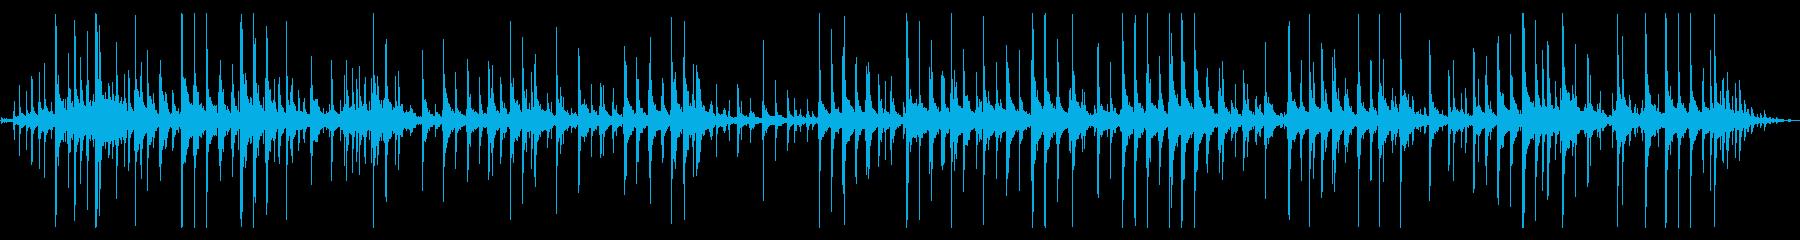 ダーク 不穏 暗い雰囲気 トイピアノの再生済みの波形